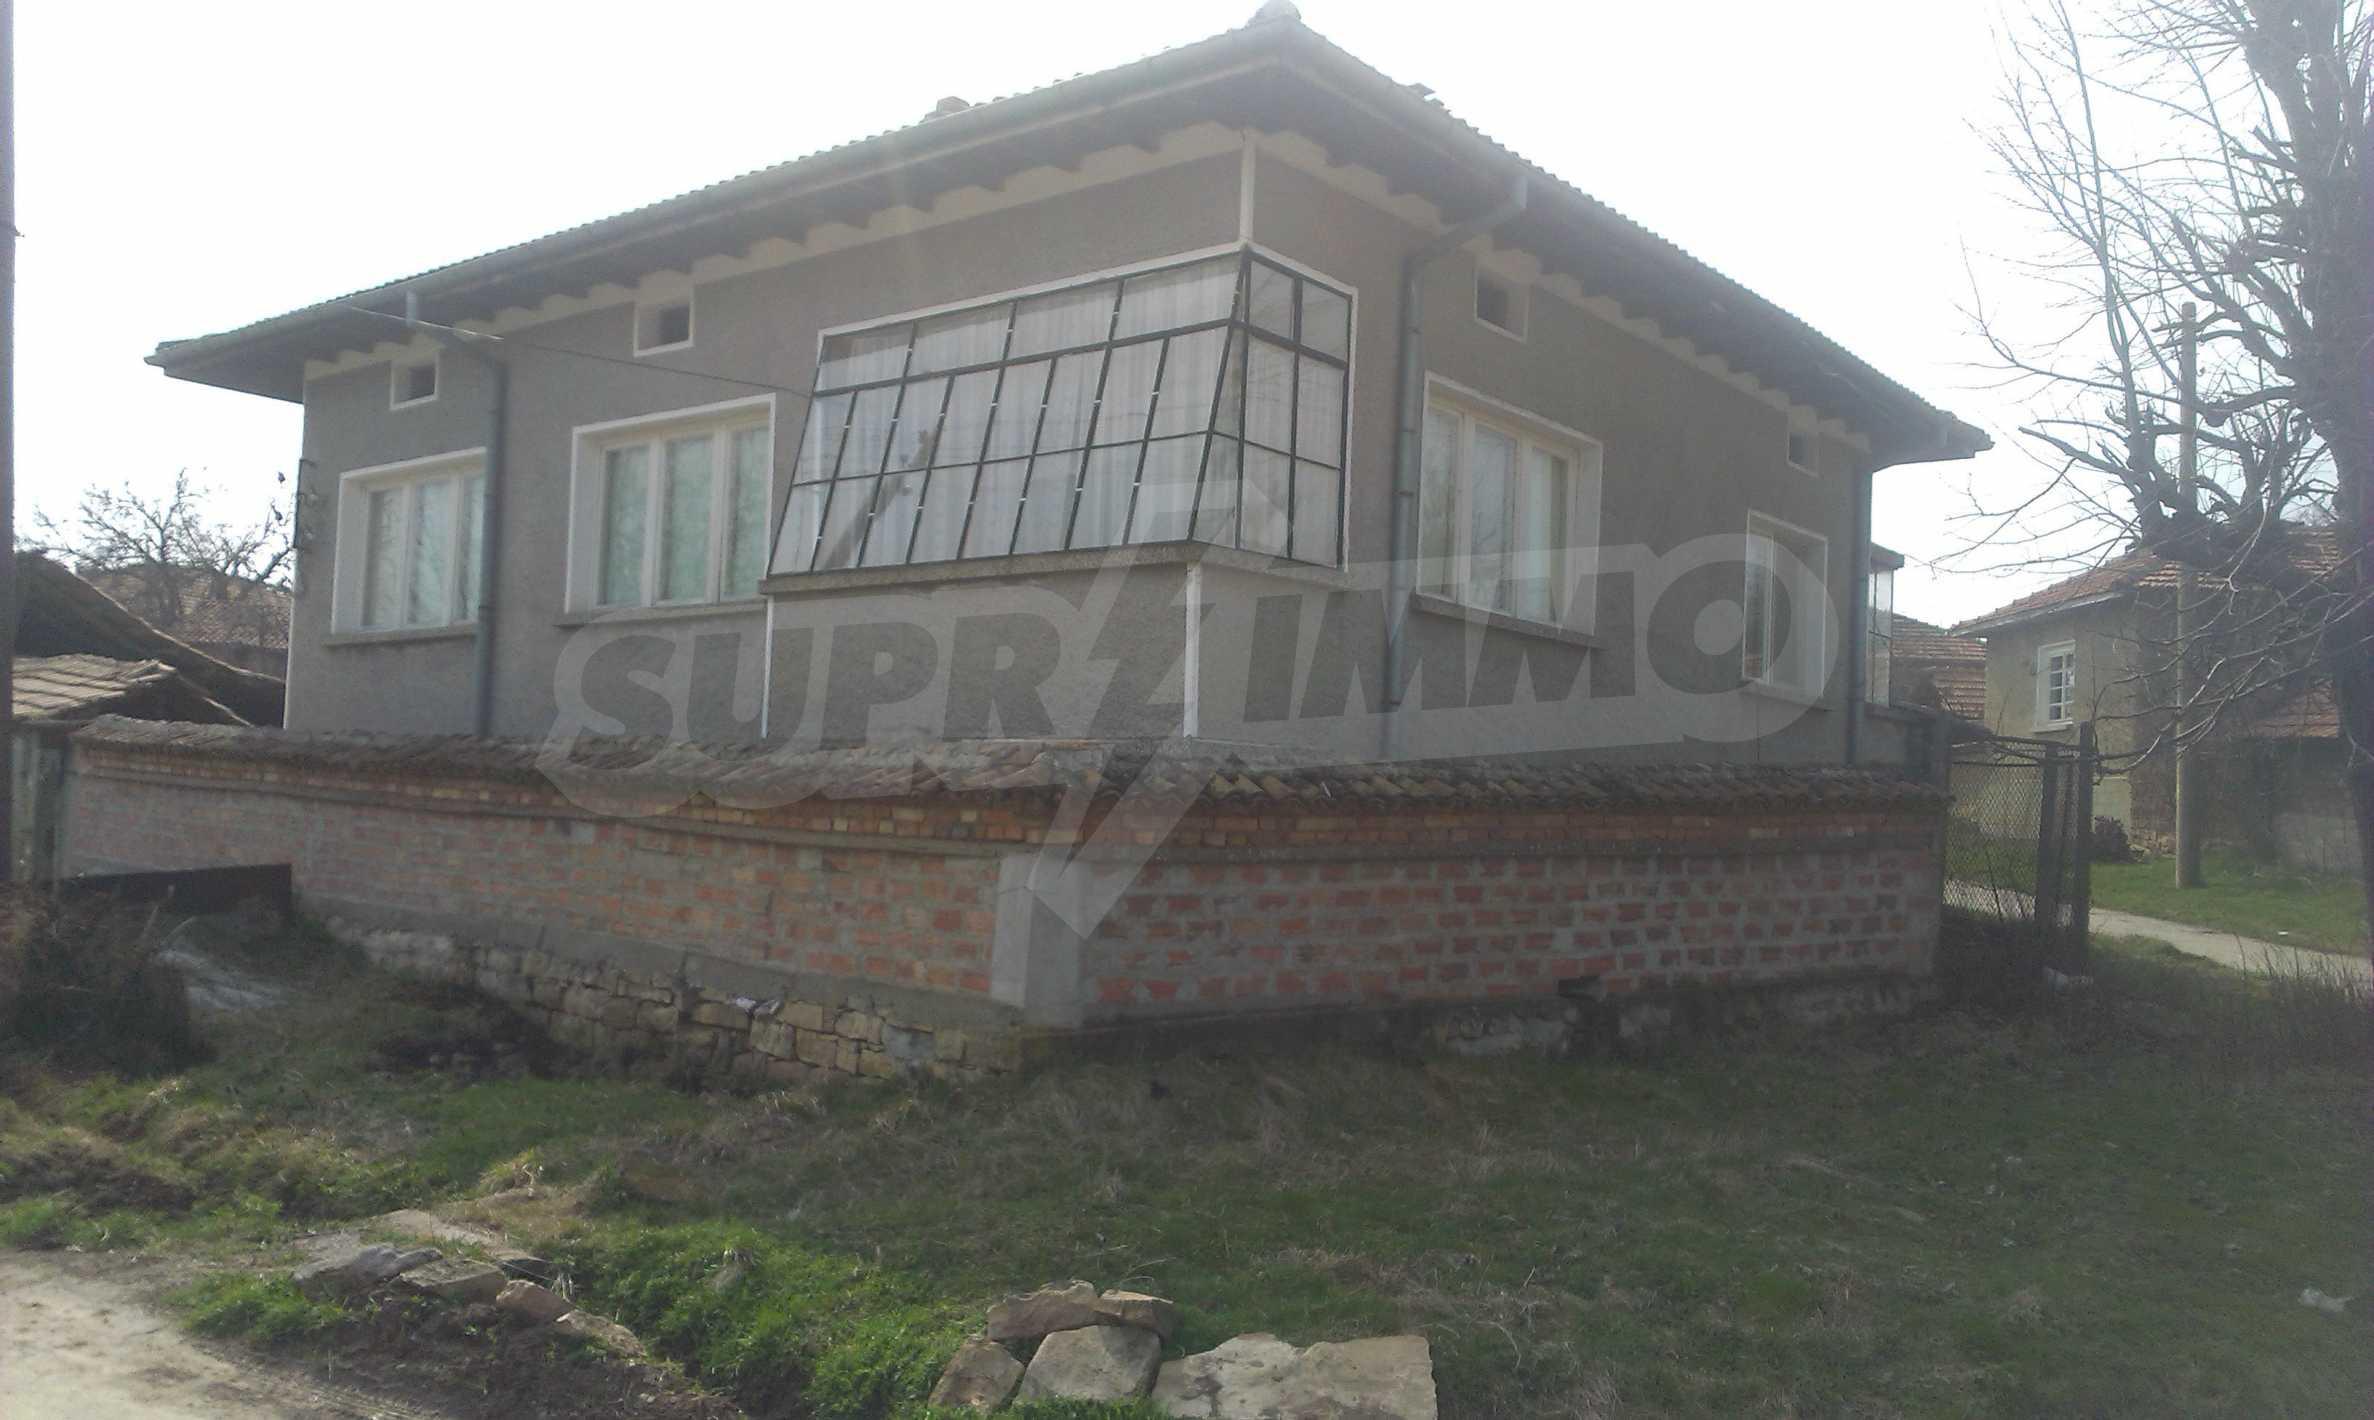 Großes zweistöckiges Backsteinhaus in einem Dorf 40 km von Veliko Tarnovo entfernt 22